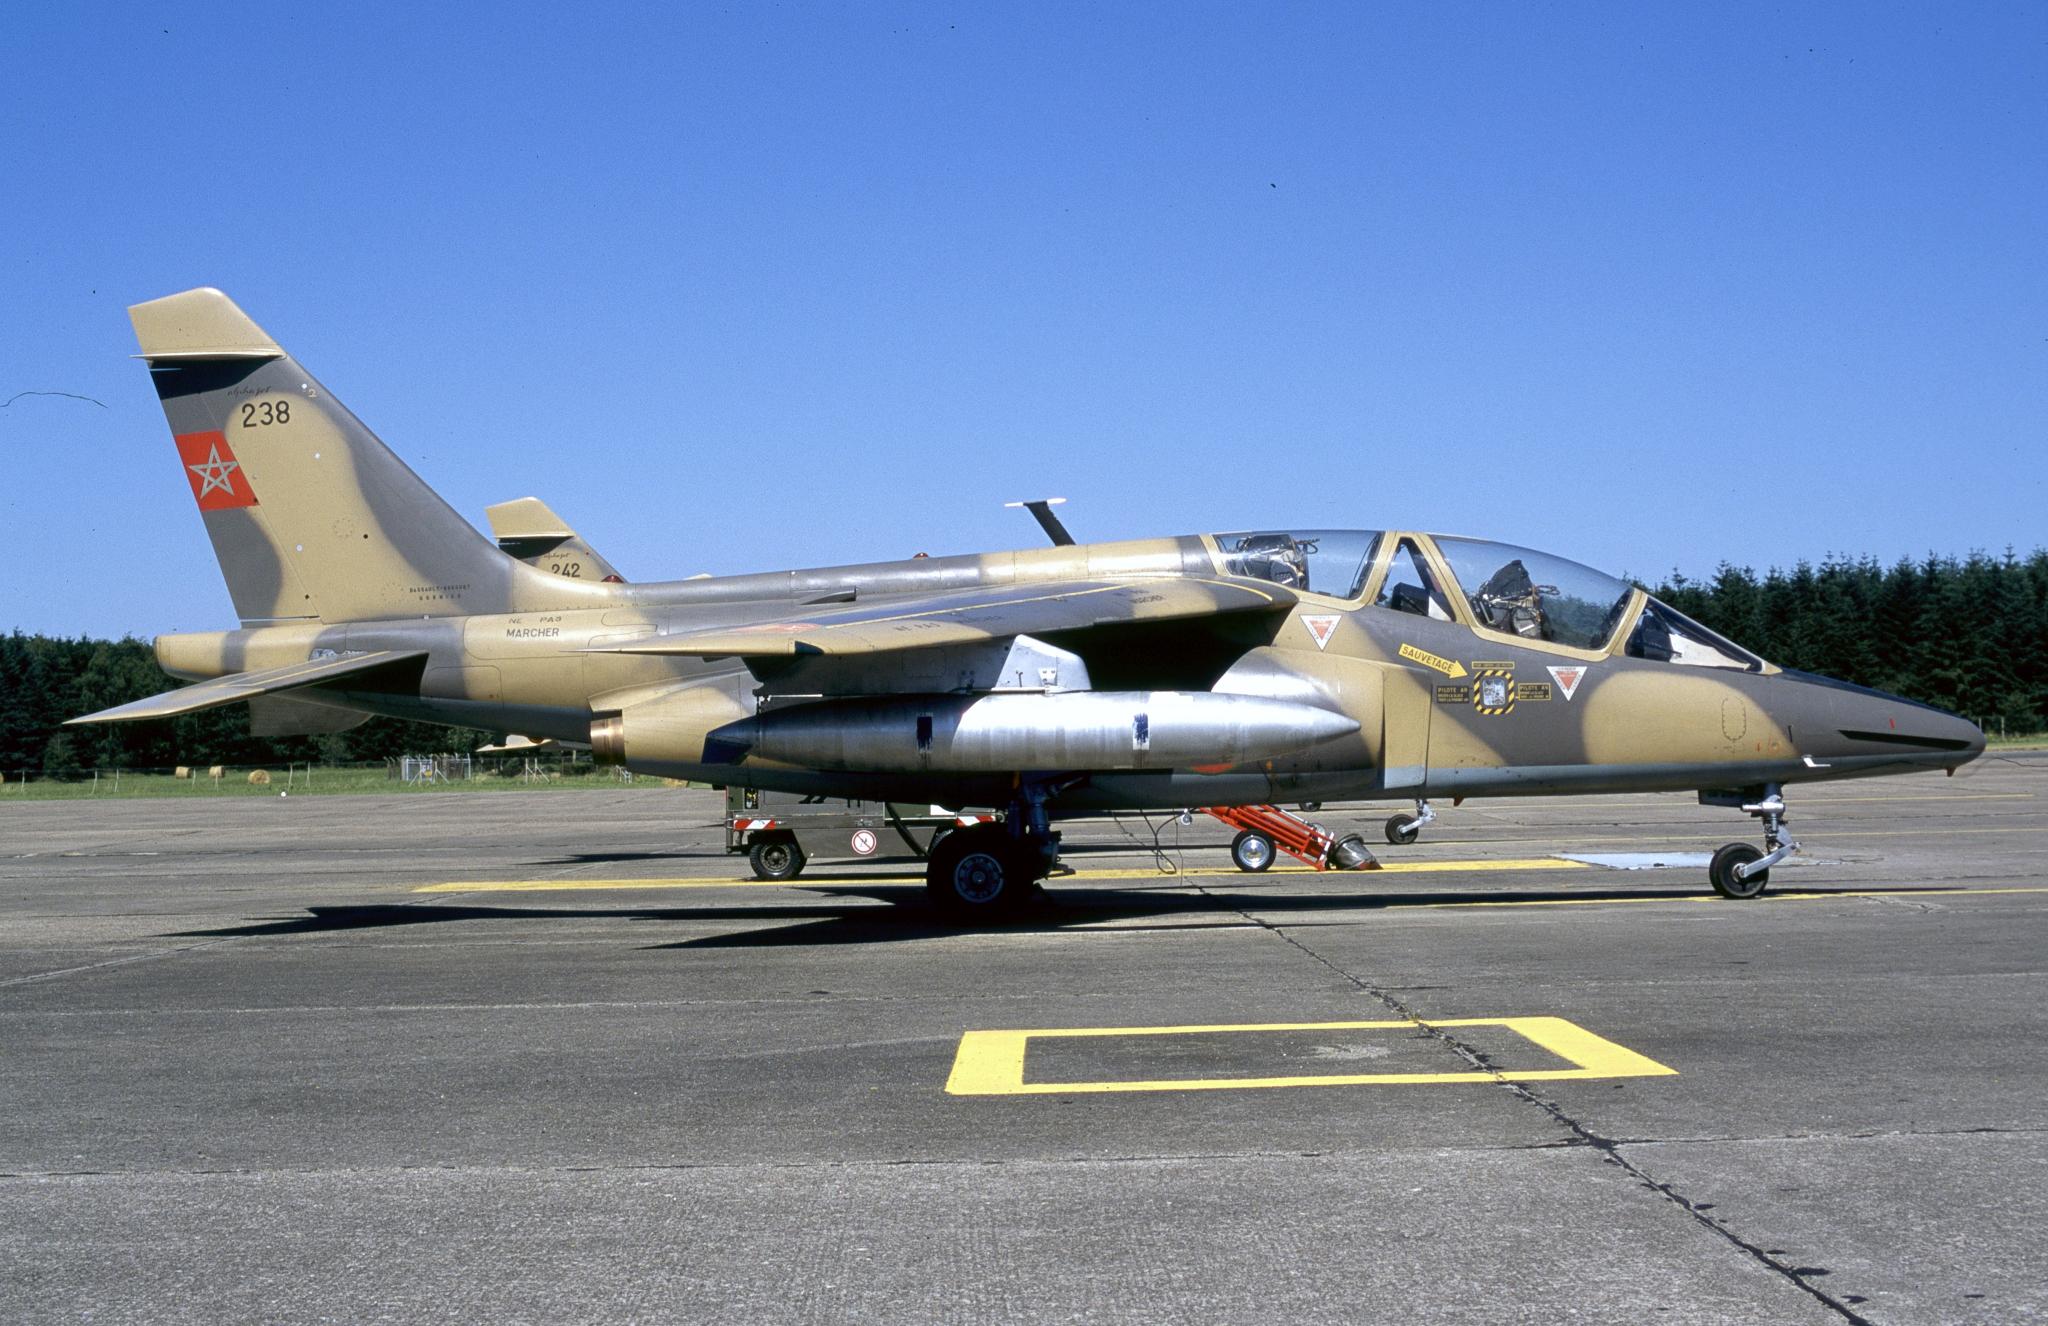 FRA: Photos avions d'entrainement et anti insurrection - Page 9 46770611905_c2607ce2c3_o